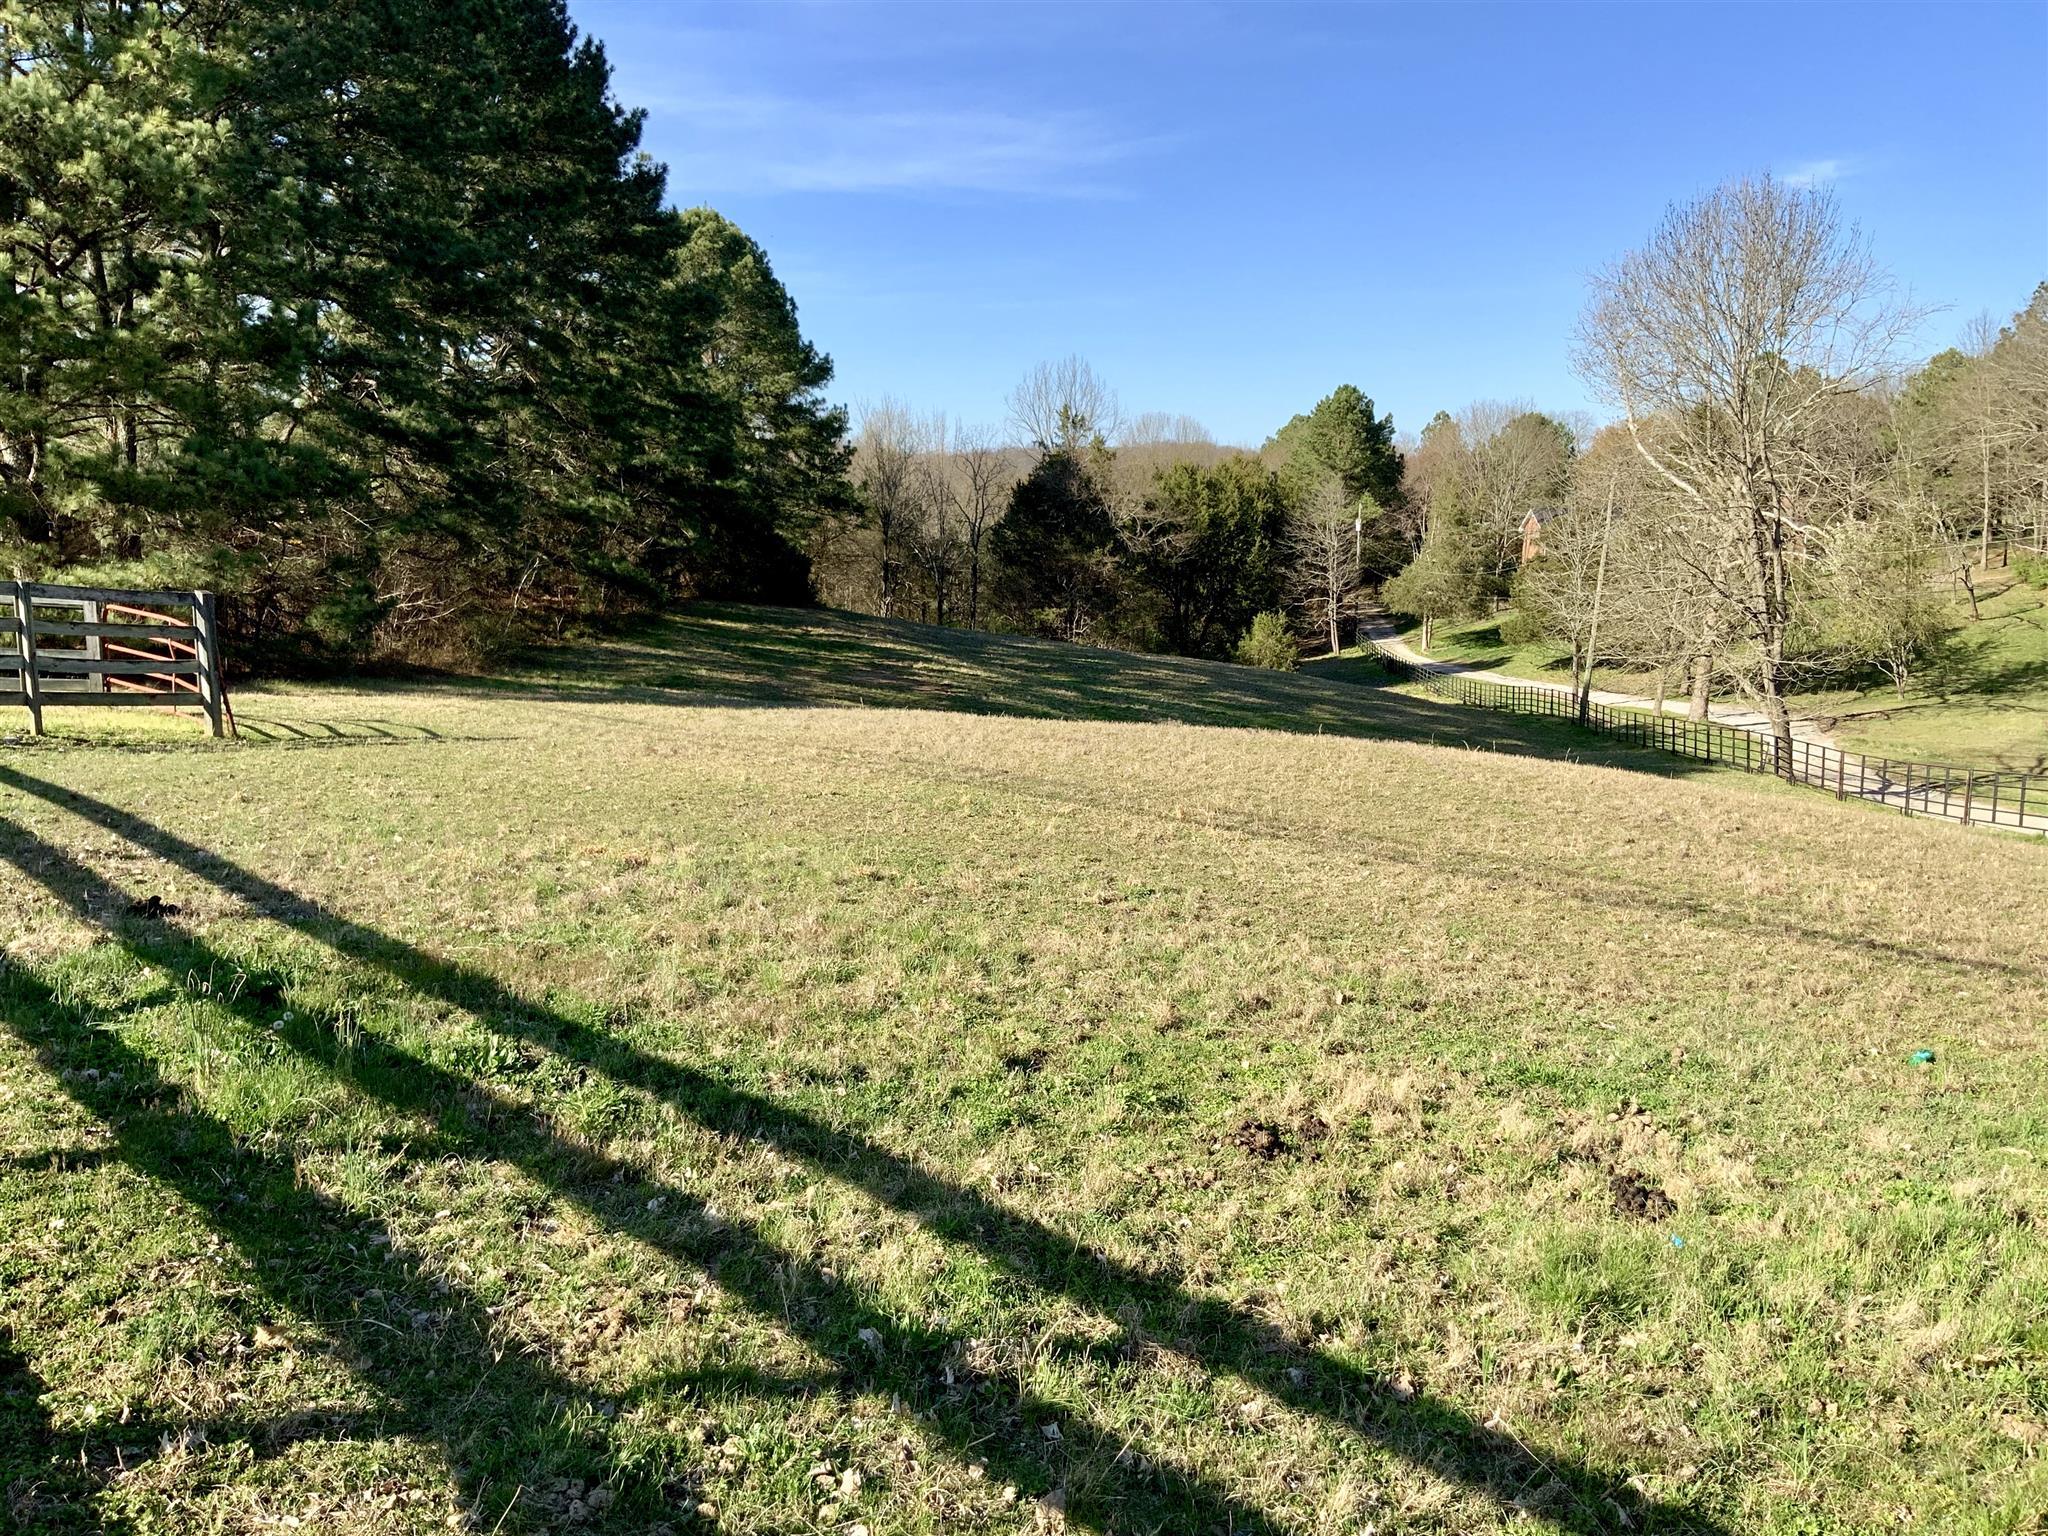 0 Cane Ridge Rd, Antioch, TN 37013 - Antioch, TN real estate listing